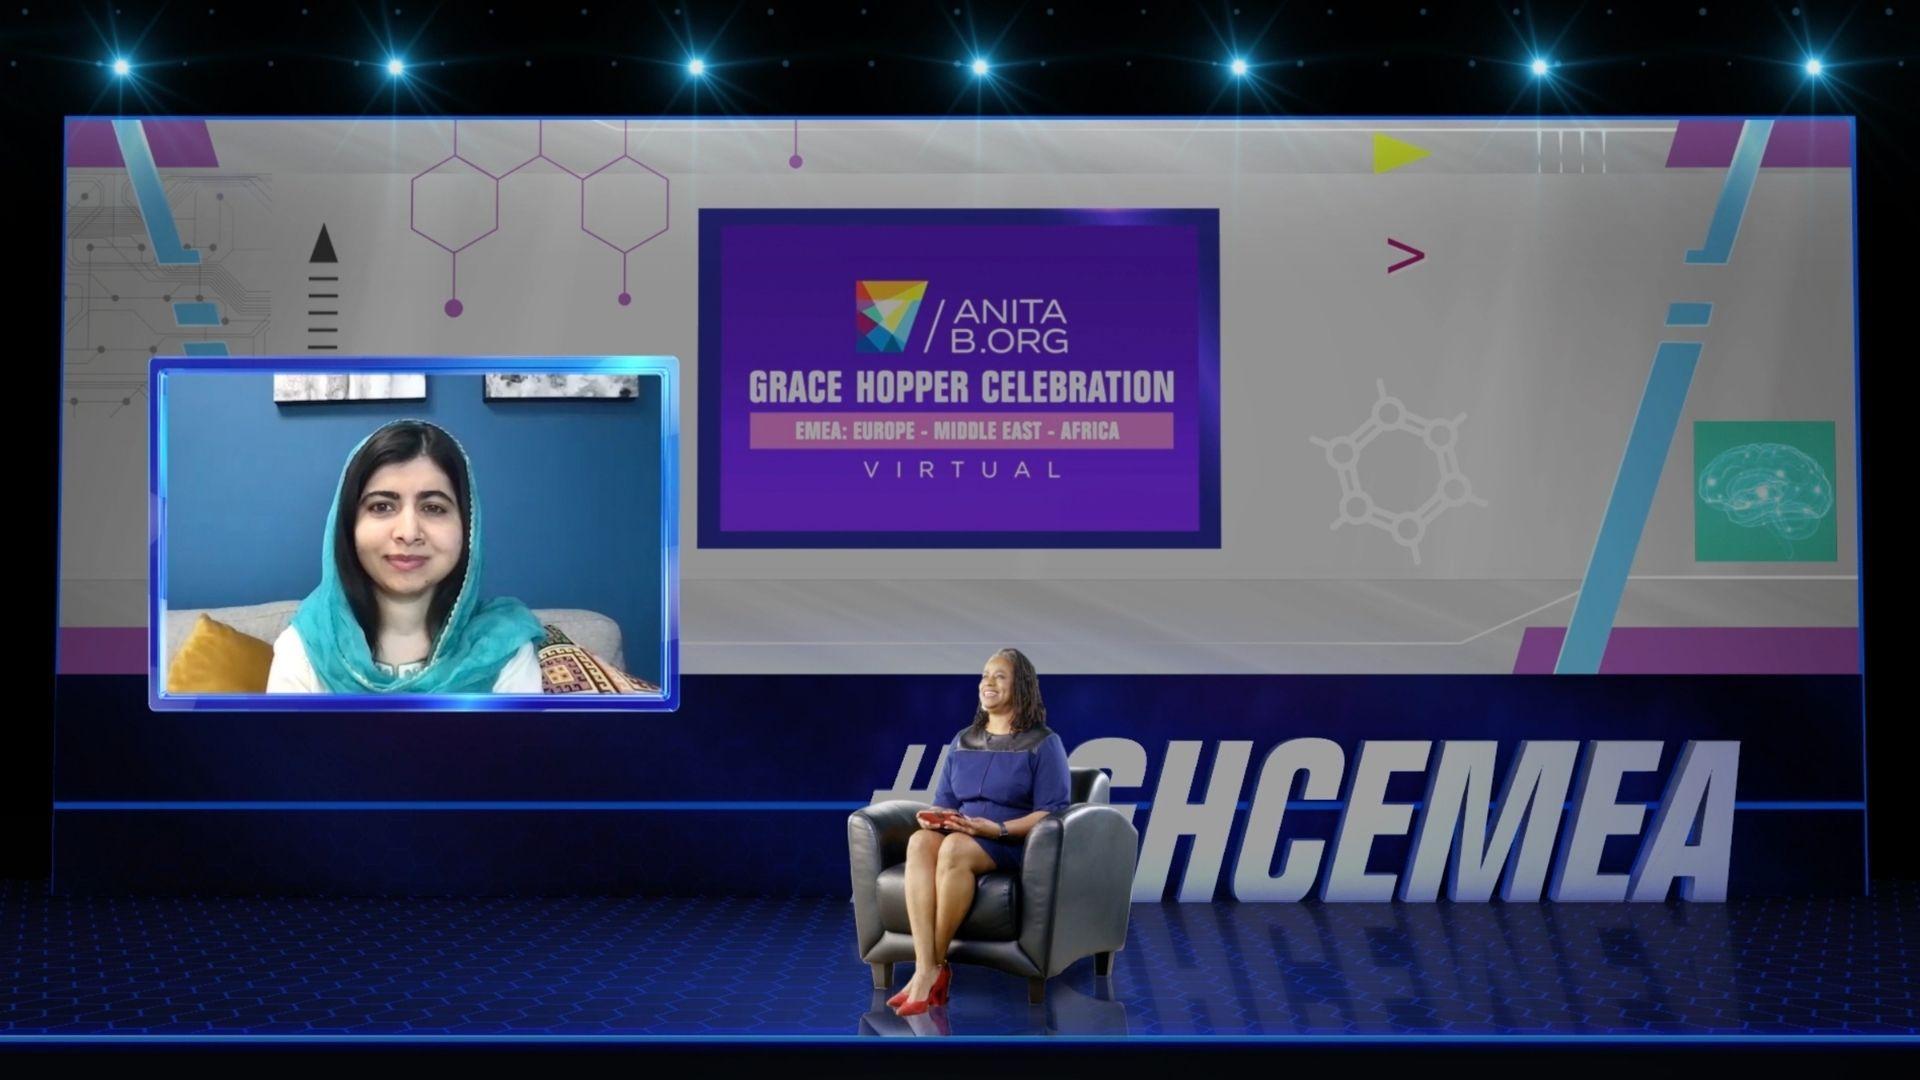 AnitaB.org agradece a todos los asistentes, ponentes e invitados su participación en la primera Virtual Grace Hopper Celebration EMEA